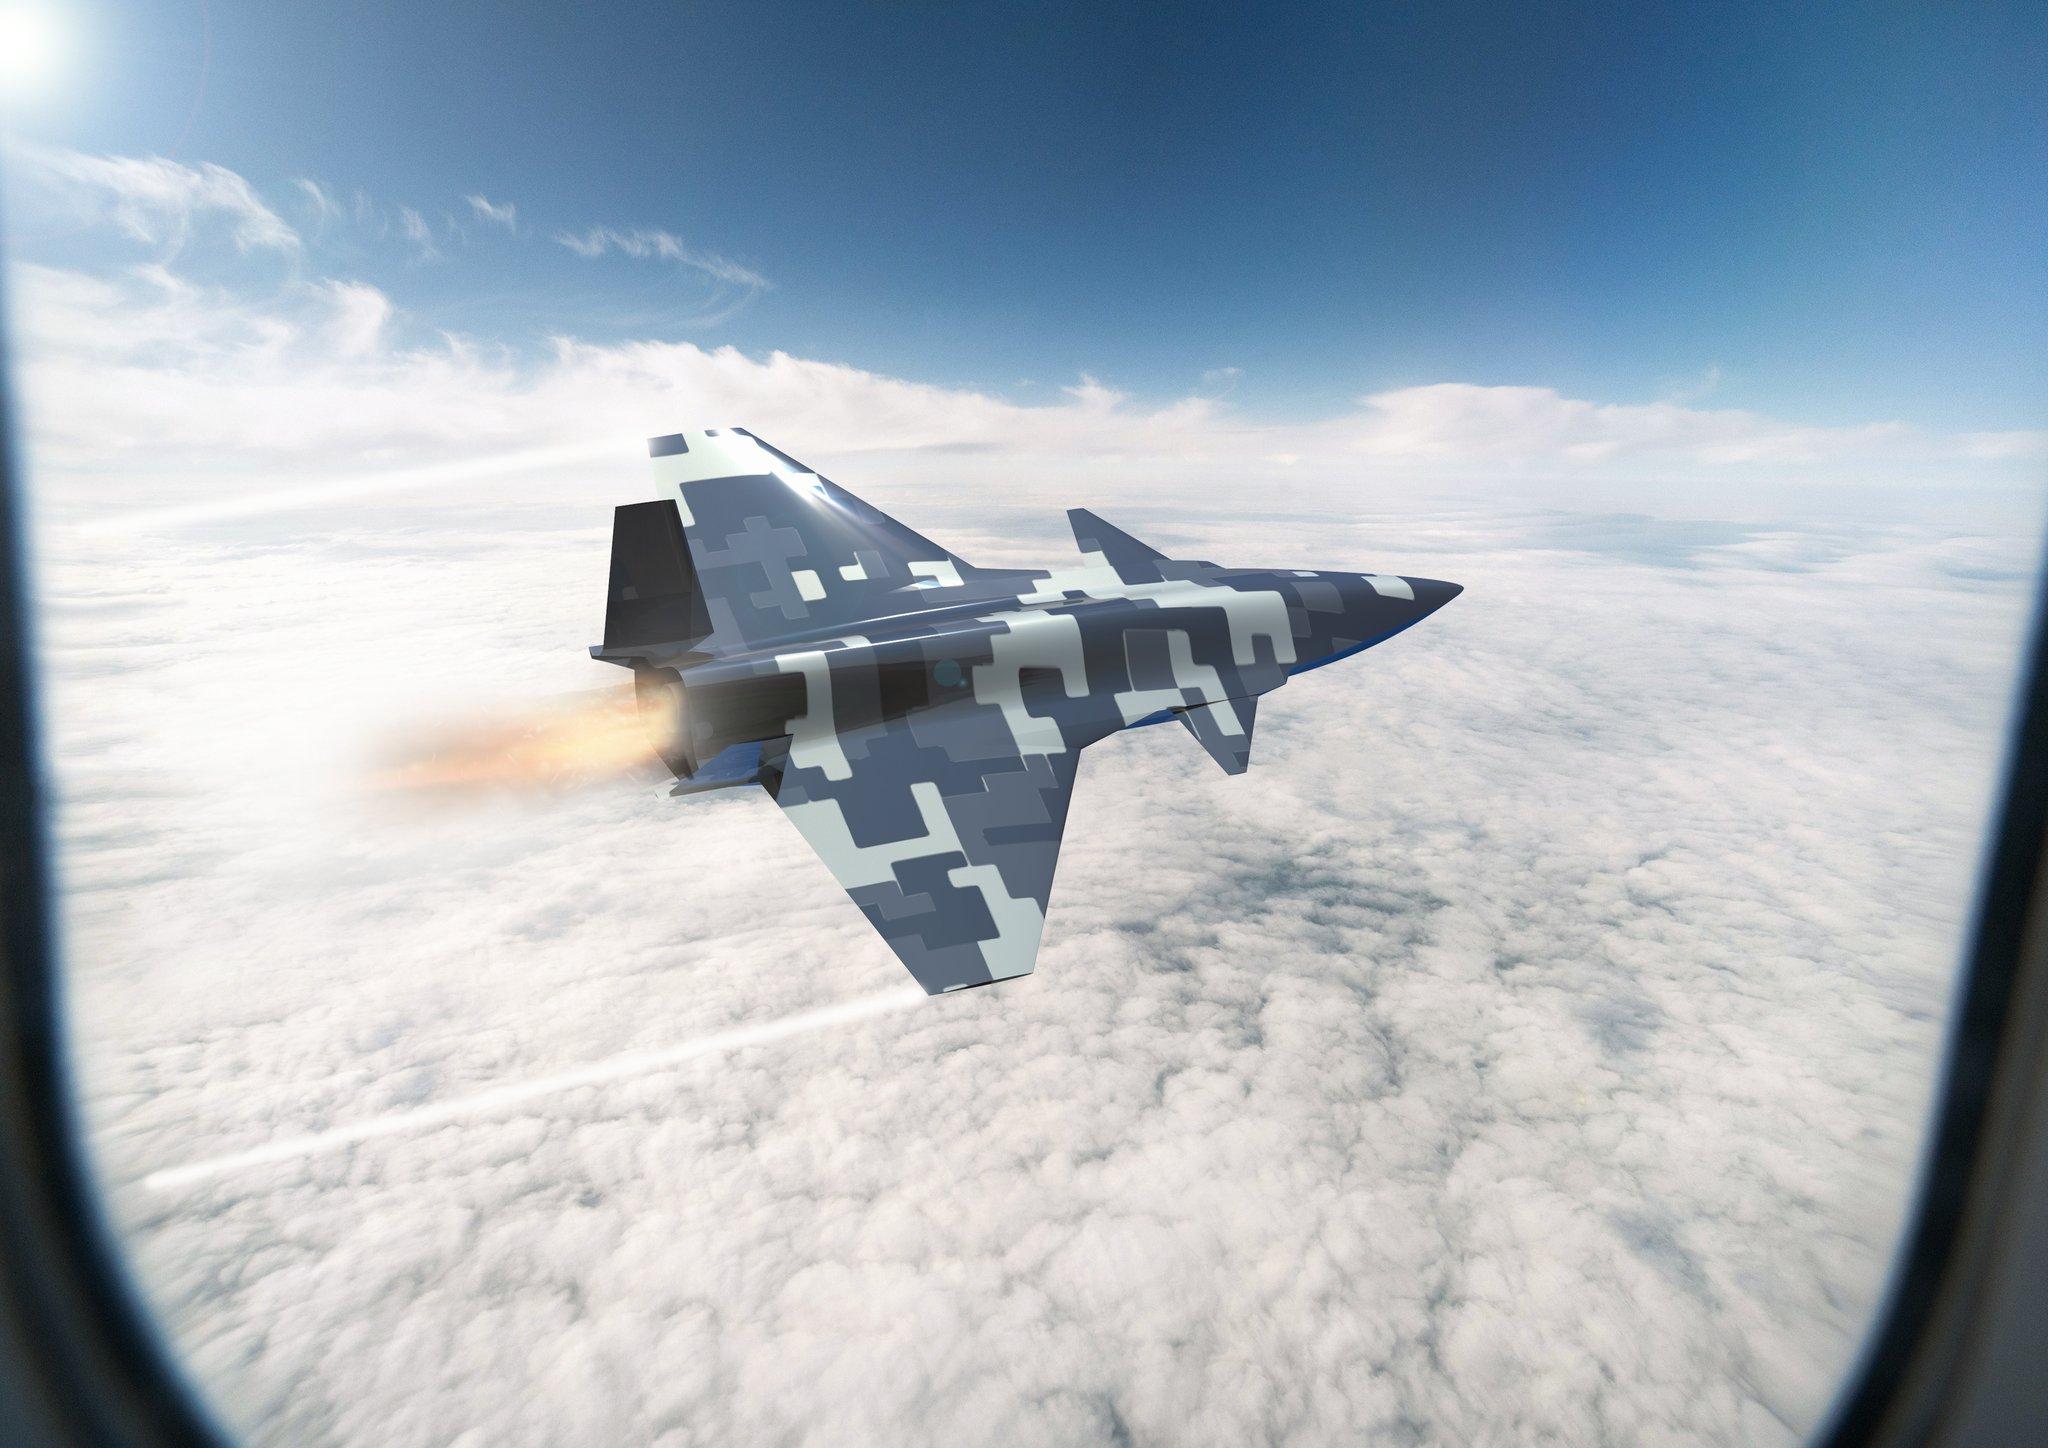 Ο γαμπρός του Ερντογάν αποκάλυψε νέο τουρκικό drone – μαχητικό αεροσκάφος